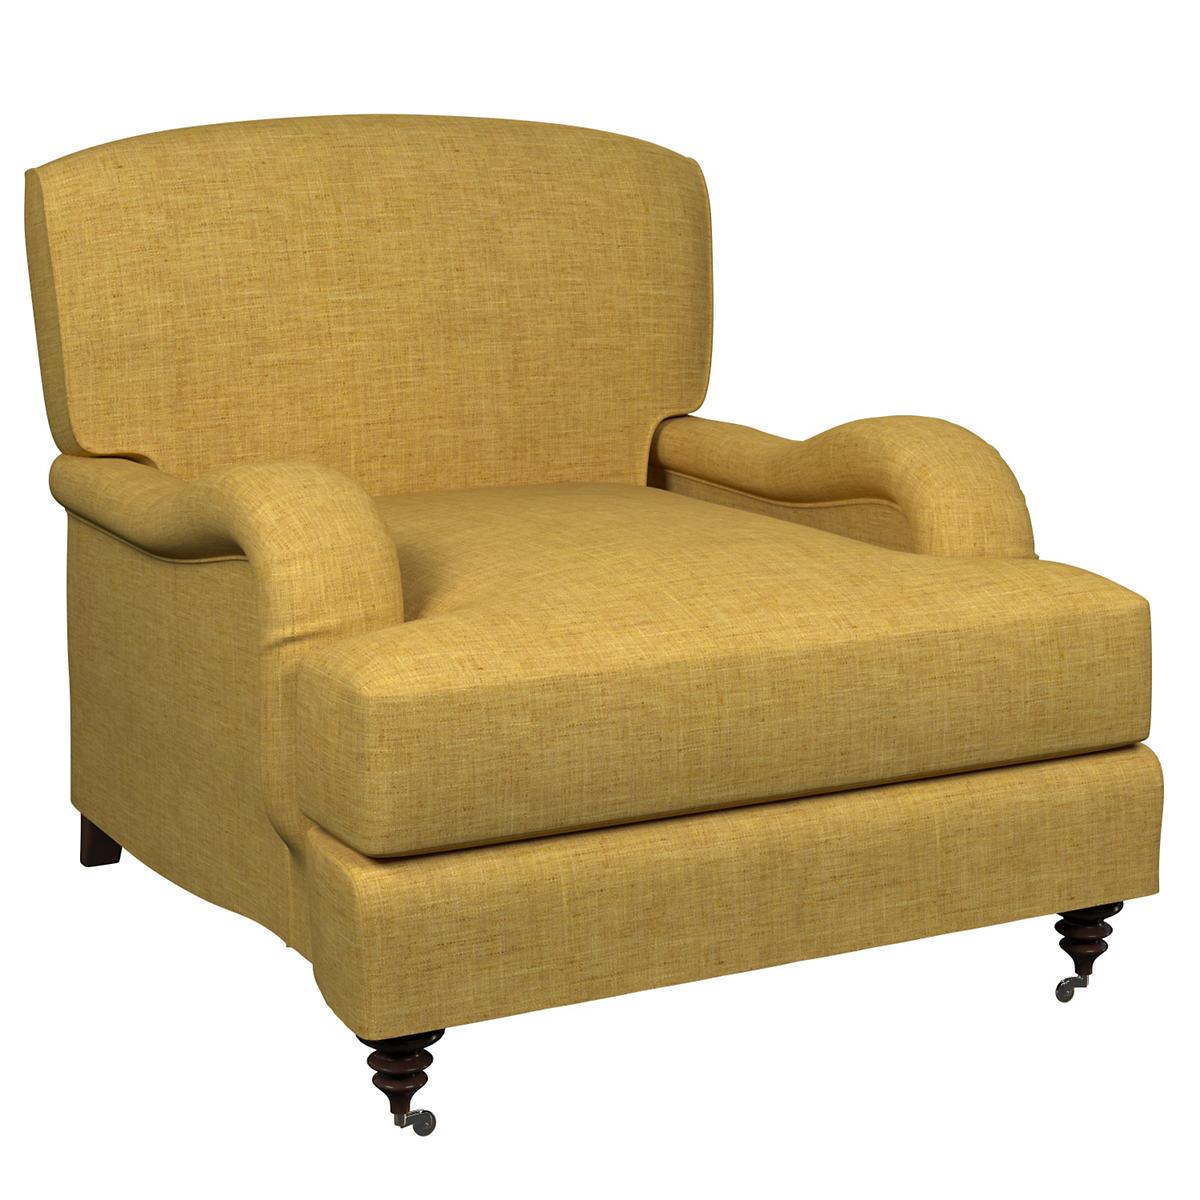 Greylock Gold Litchfield Chair